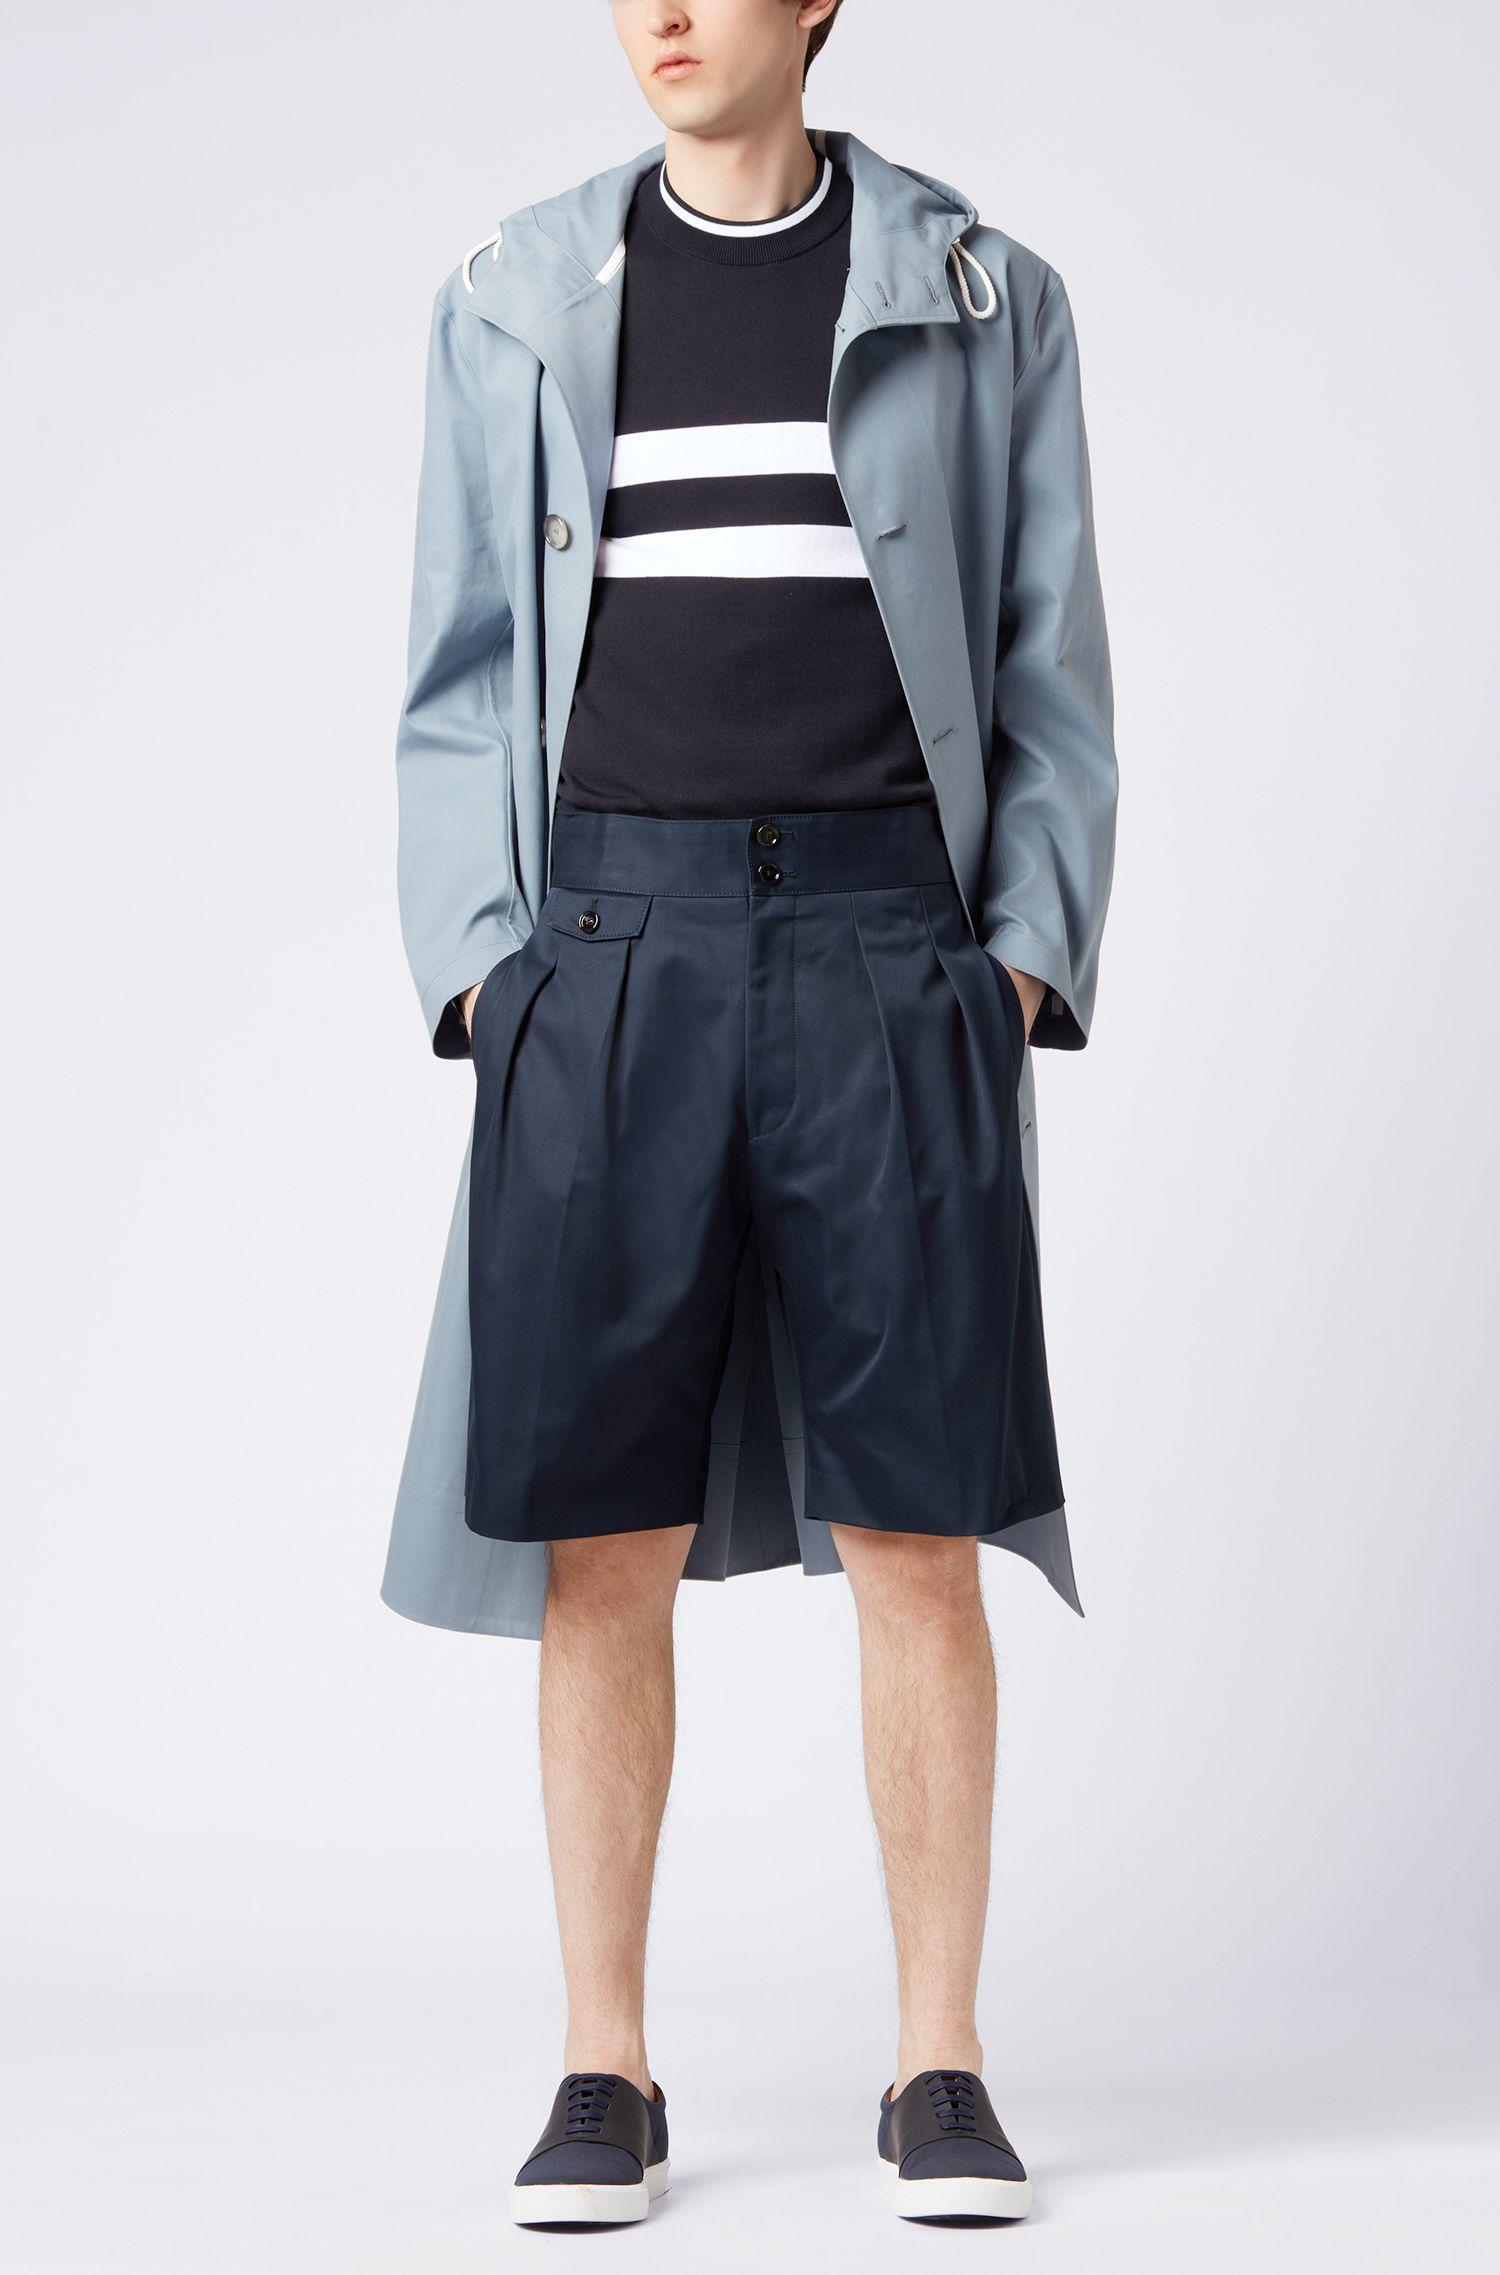 Maglione a girocollo in jersey di cotone a righe